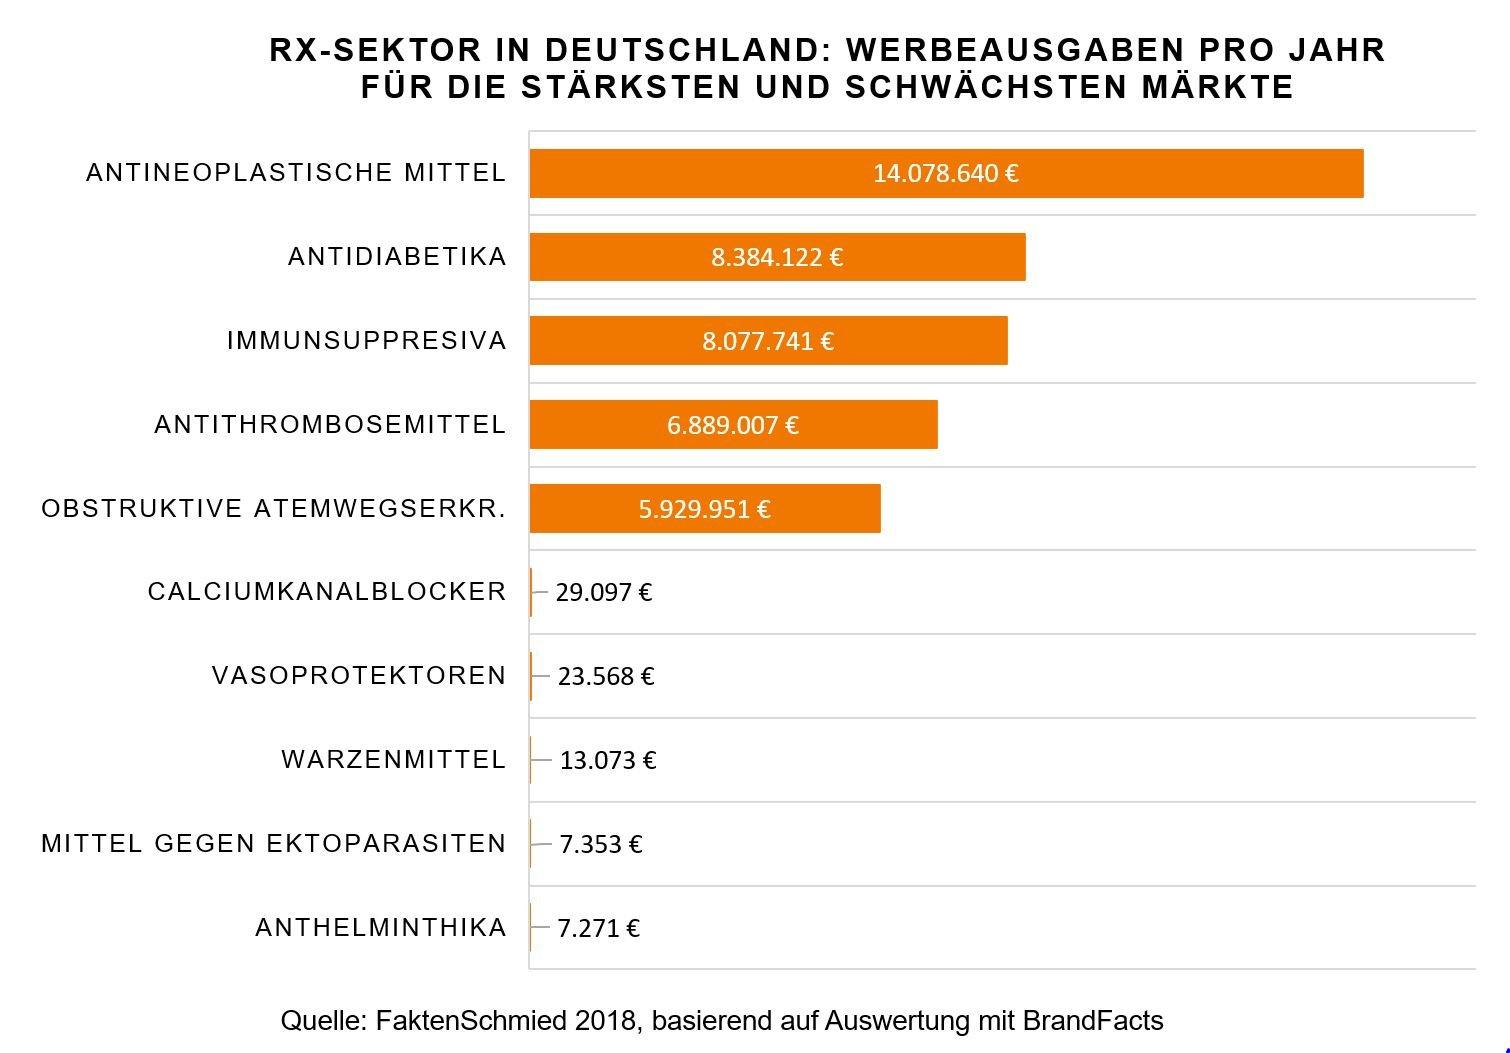 Werbeausgaben pro Jahr im Rx-Sektor in Deutschland